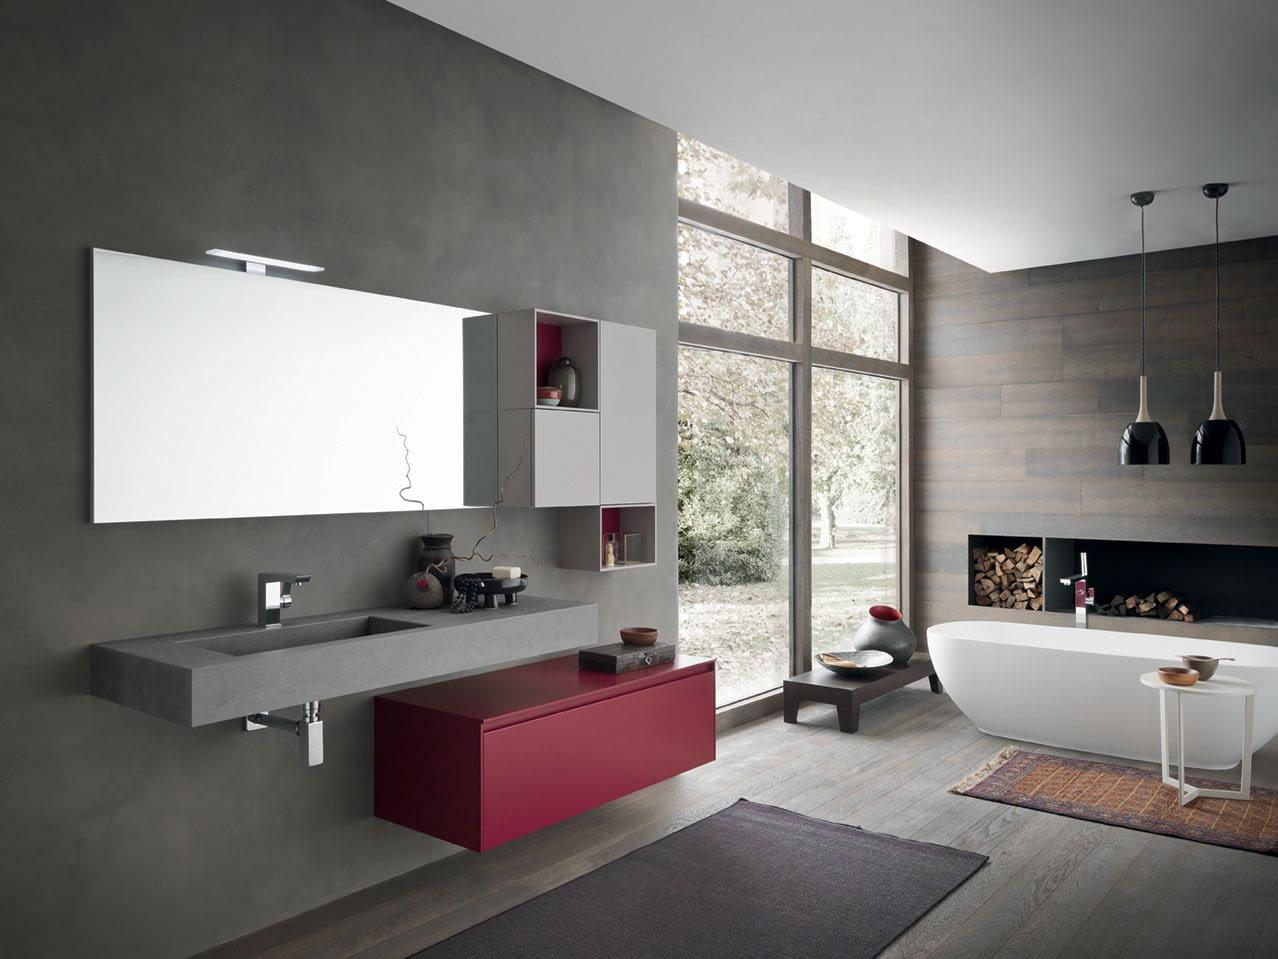 Soluzioni Per Arredare Bagno mobili e arredamento per bagni